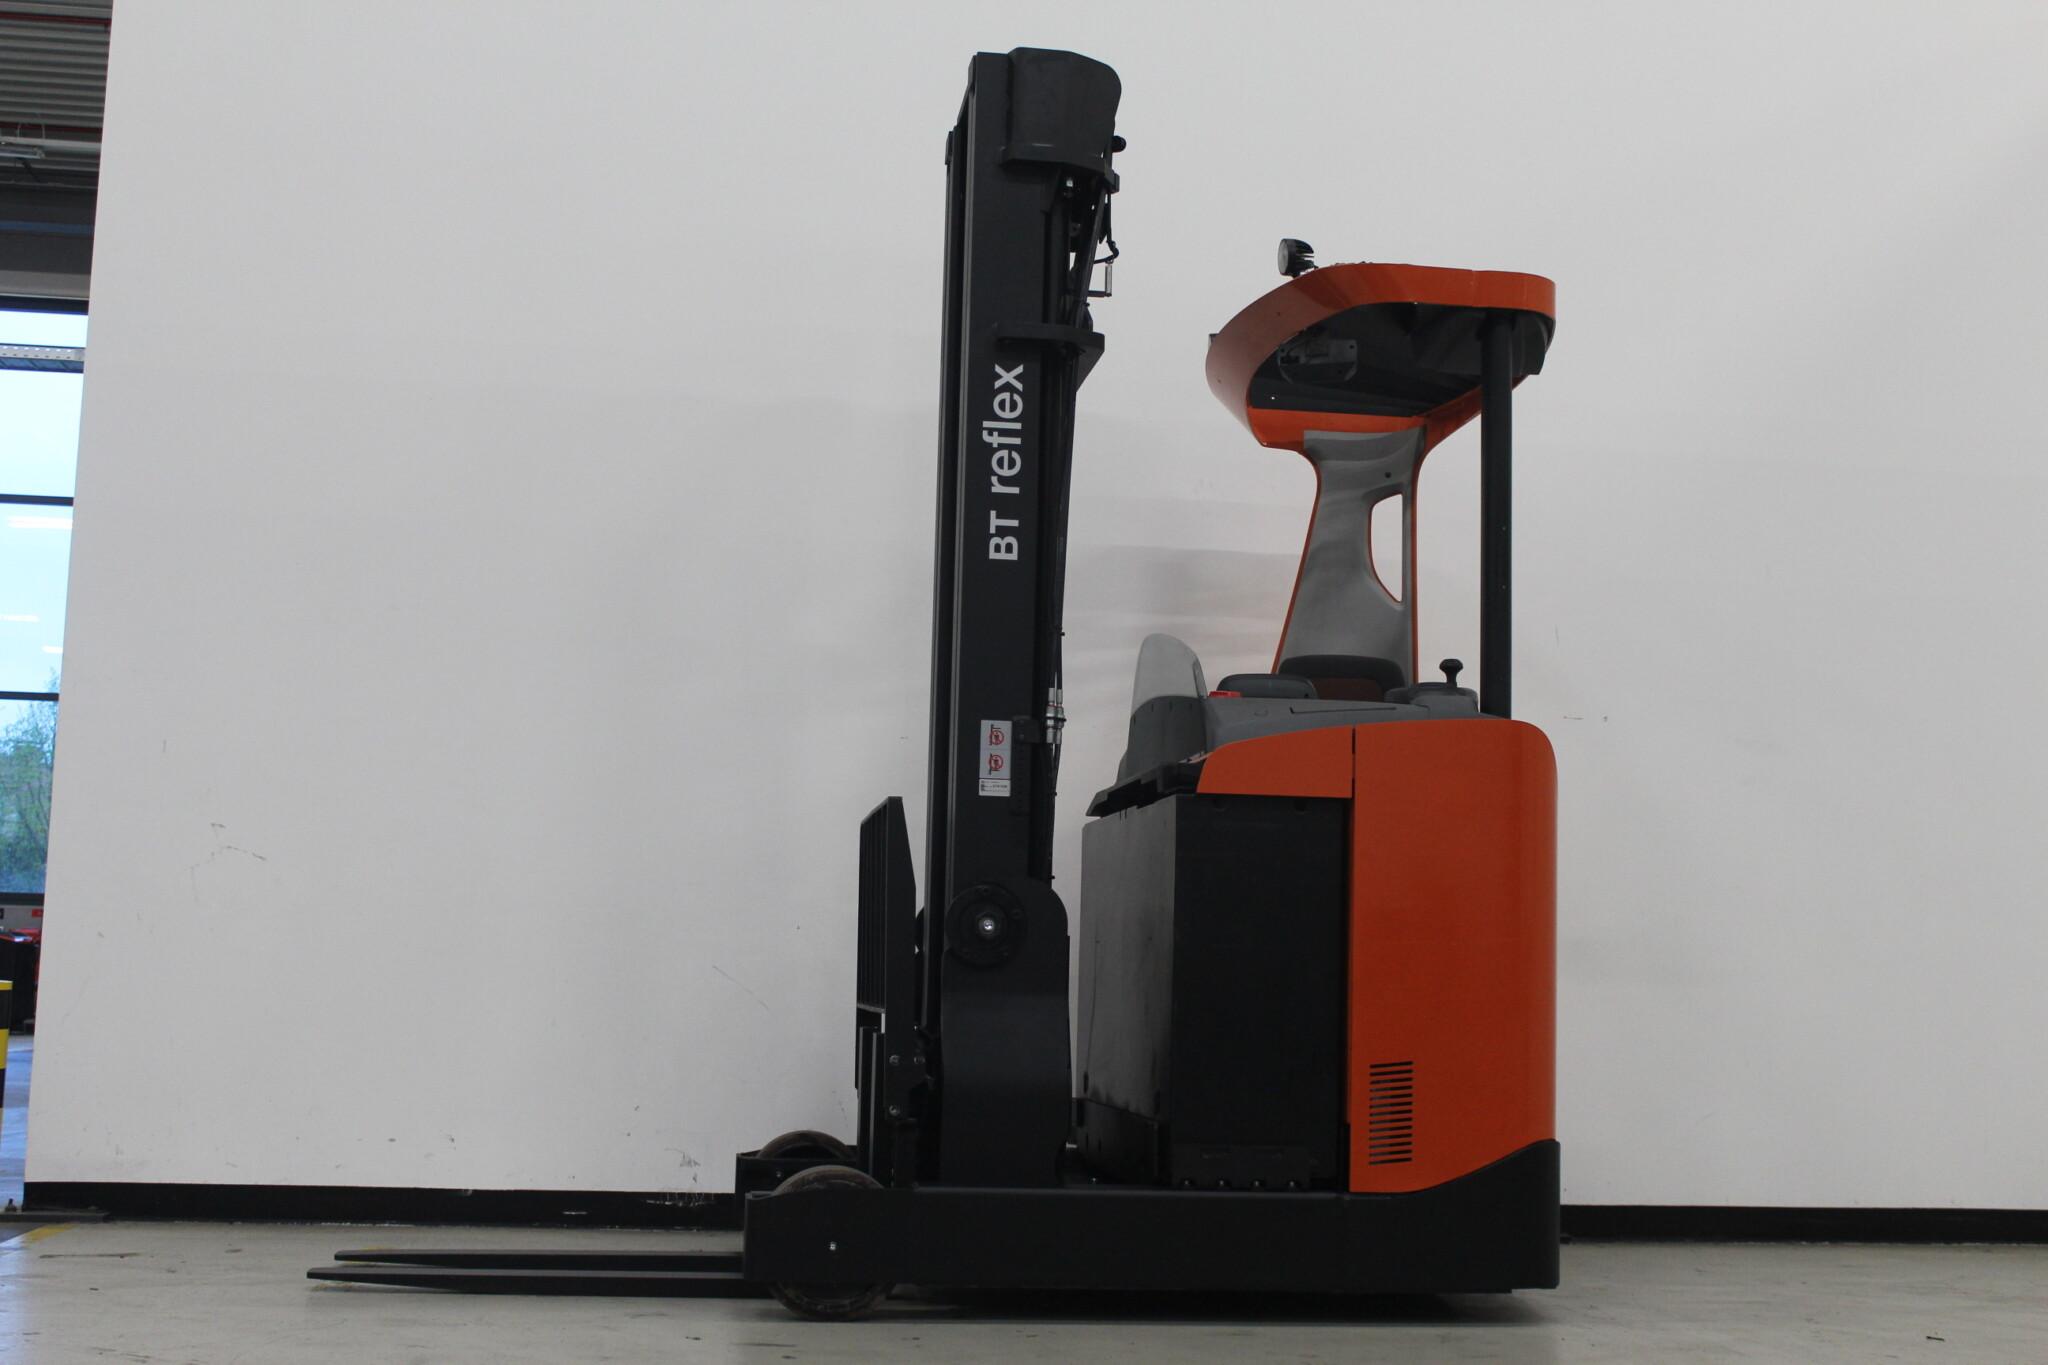 Toyota-Gabelstapler-59840 1601019093 1 scaled